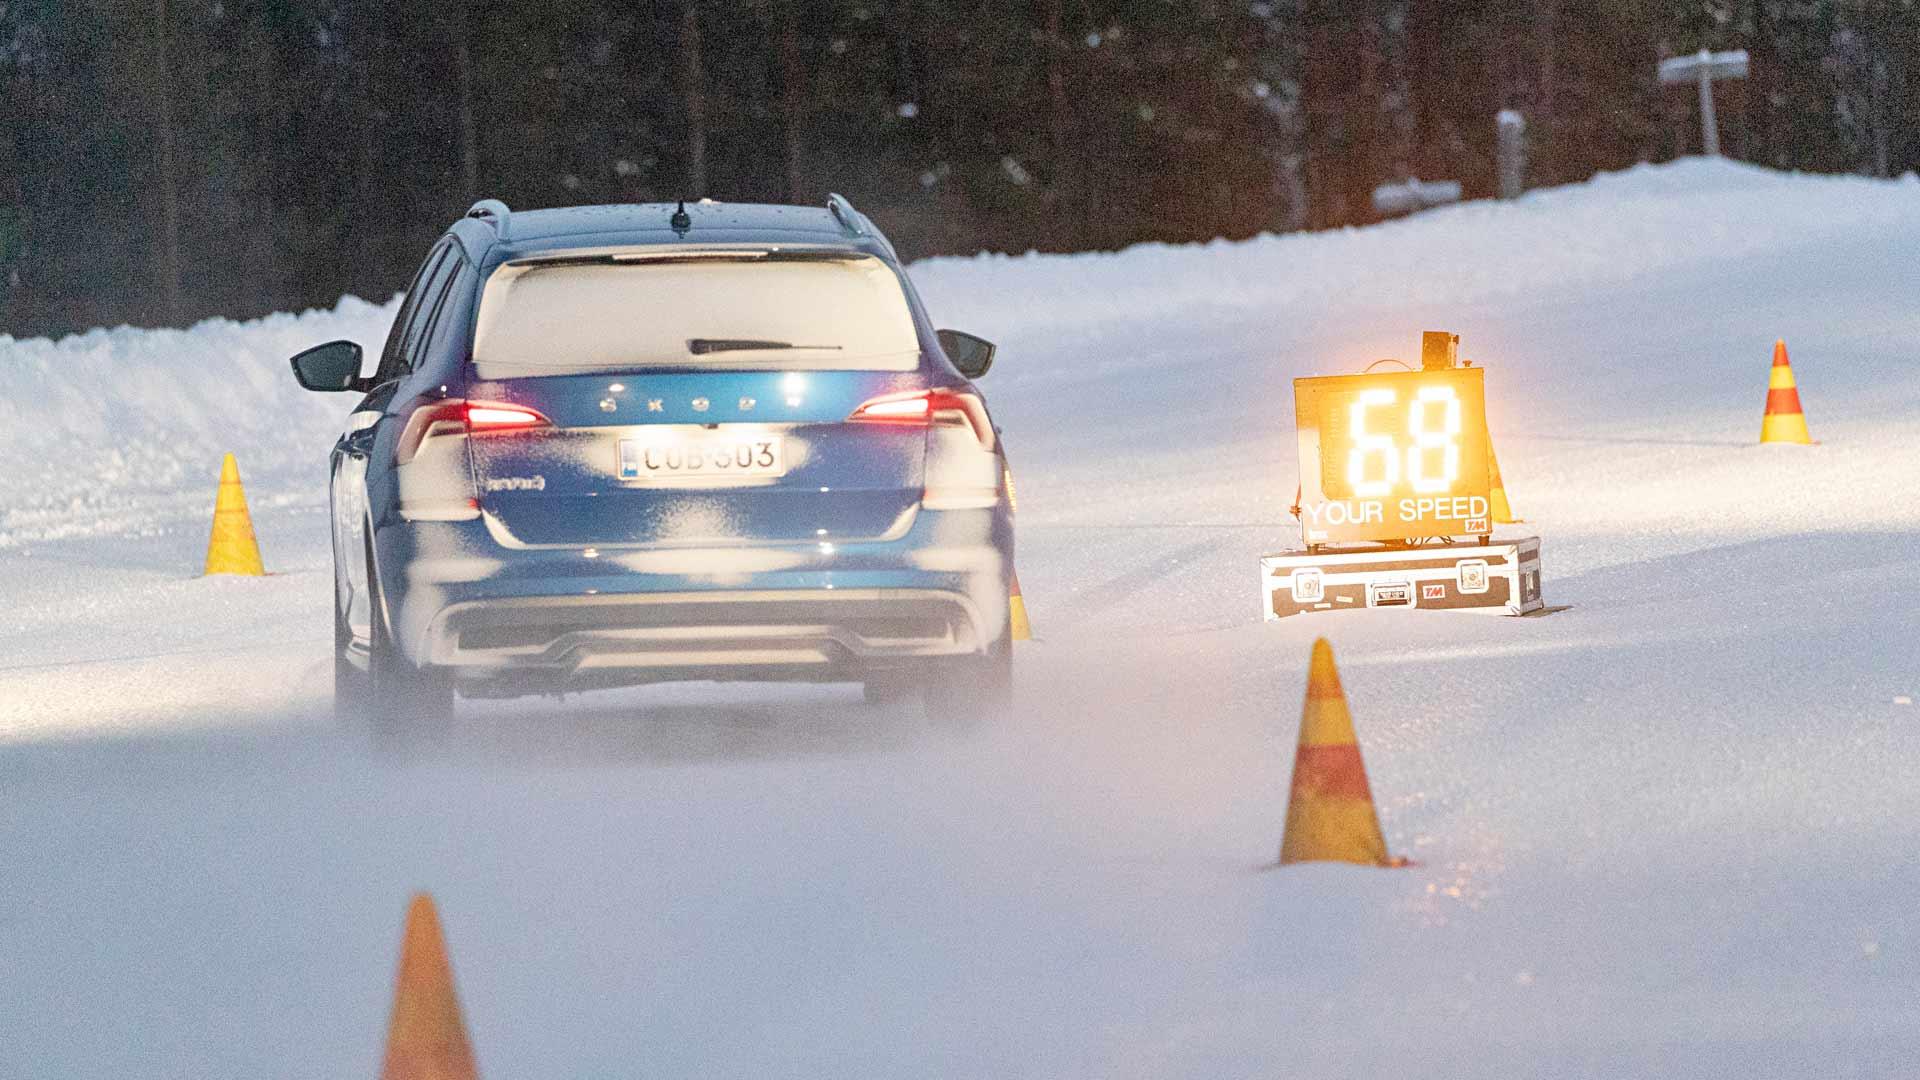 Väistökokeessa on viisitoista metriä matkaa kaistan vaihtamiseen. Parhailla autoilla se onnistuu talviolosuhteissa noin 80 kilometrin tuntivauhdissa.